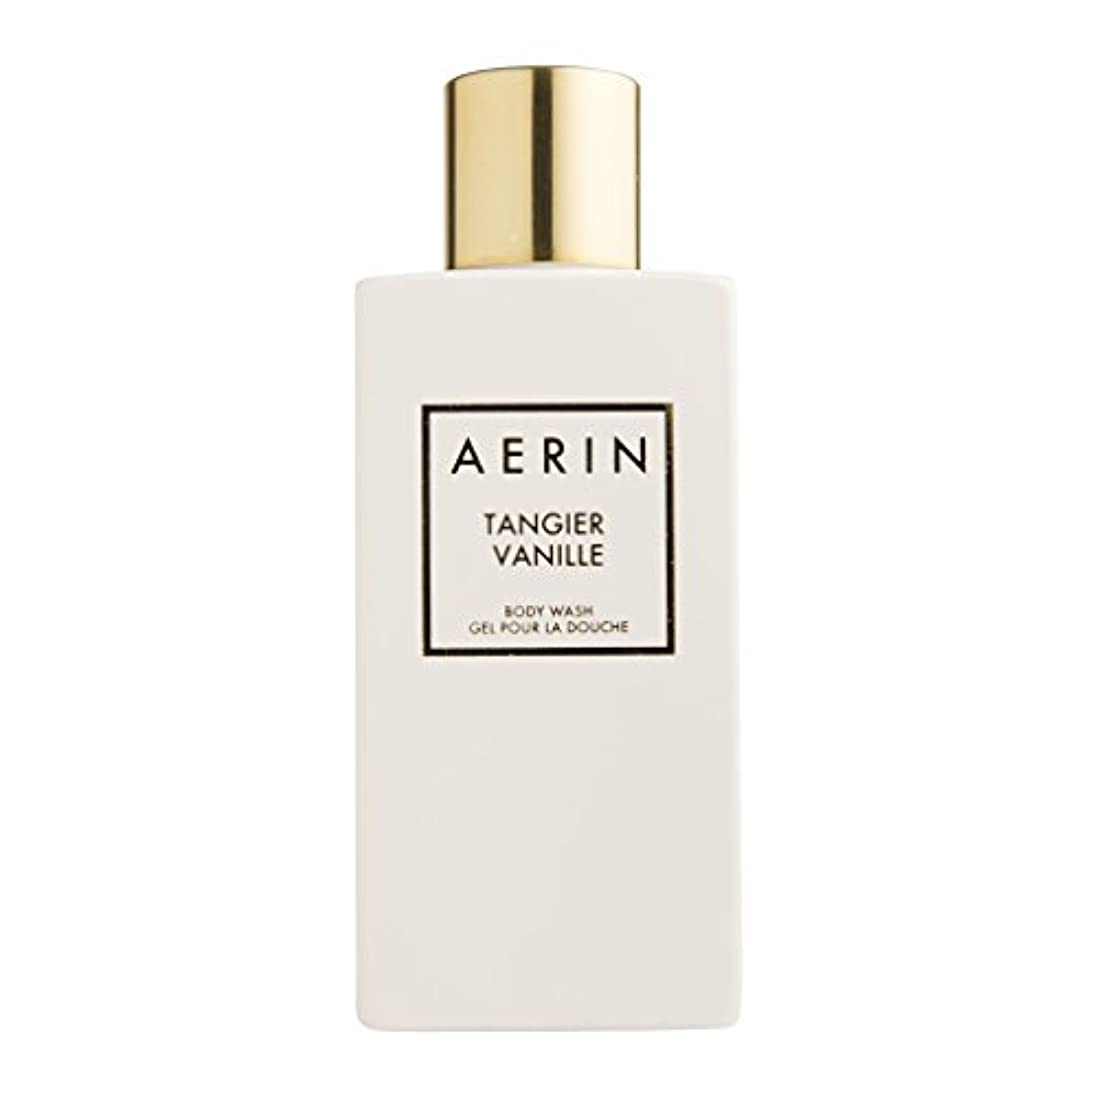 金銭的ブロッサムアンテナAERIN Tangier Vanille (アエリン タンジヤー バニール) 7.6 oz (228ml) Body Wash ボディーウオッシュ by Estee Lauder for Women